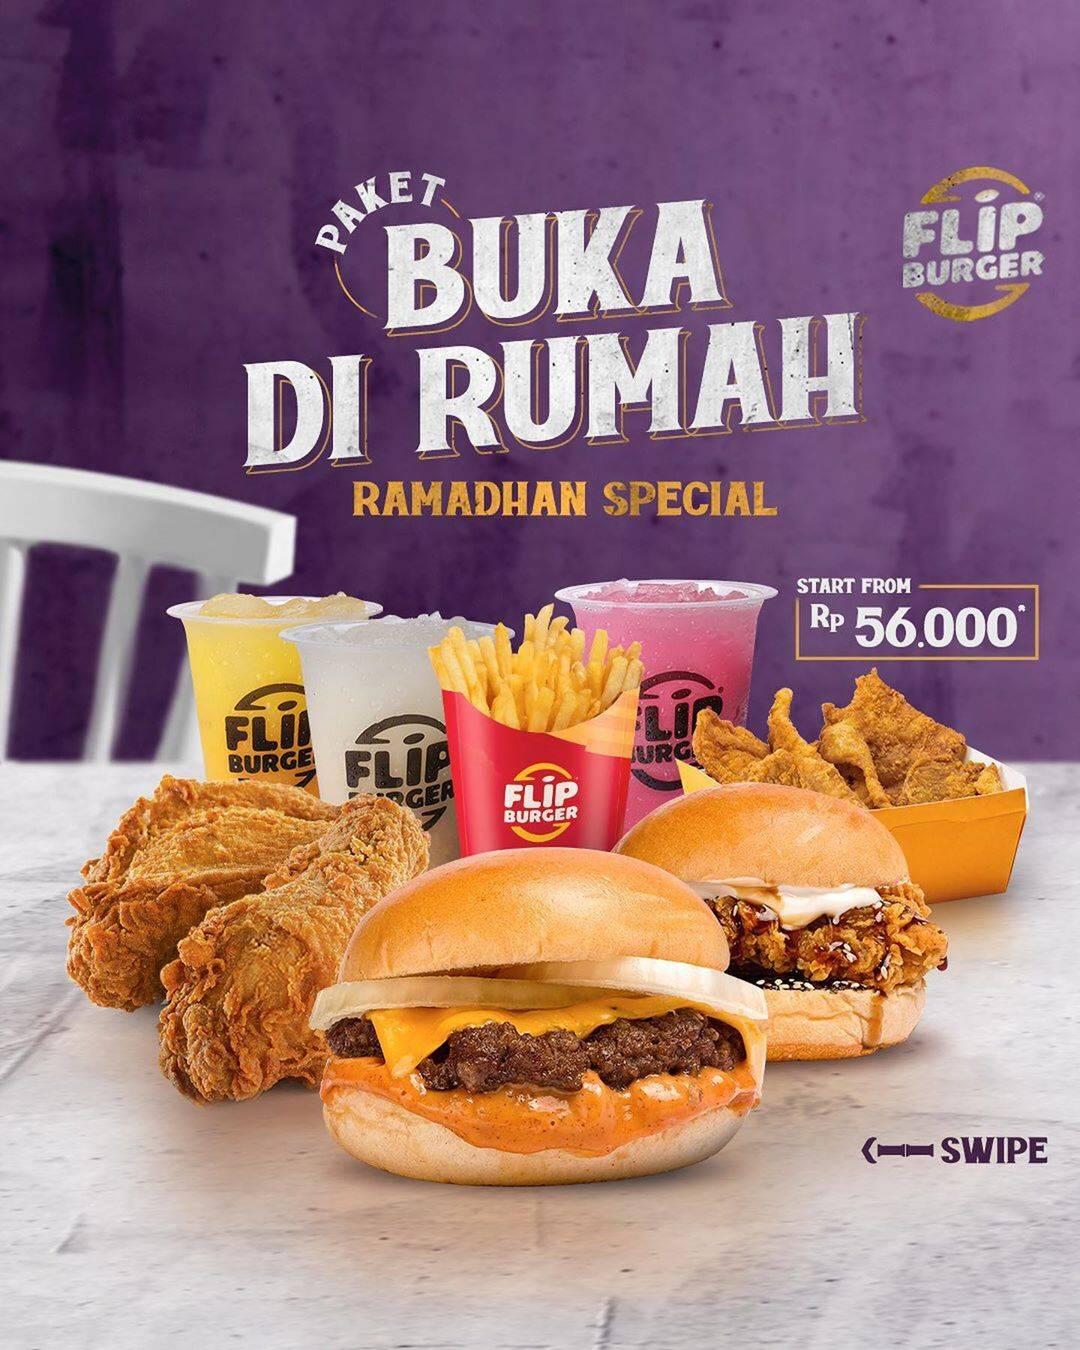 Diskon Flip Burger Promo Paket Buka Di Rumah Spesial Ramadhan Dengan Harga Mulai Dari Rp. 56.000